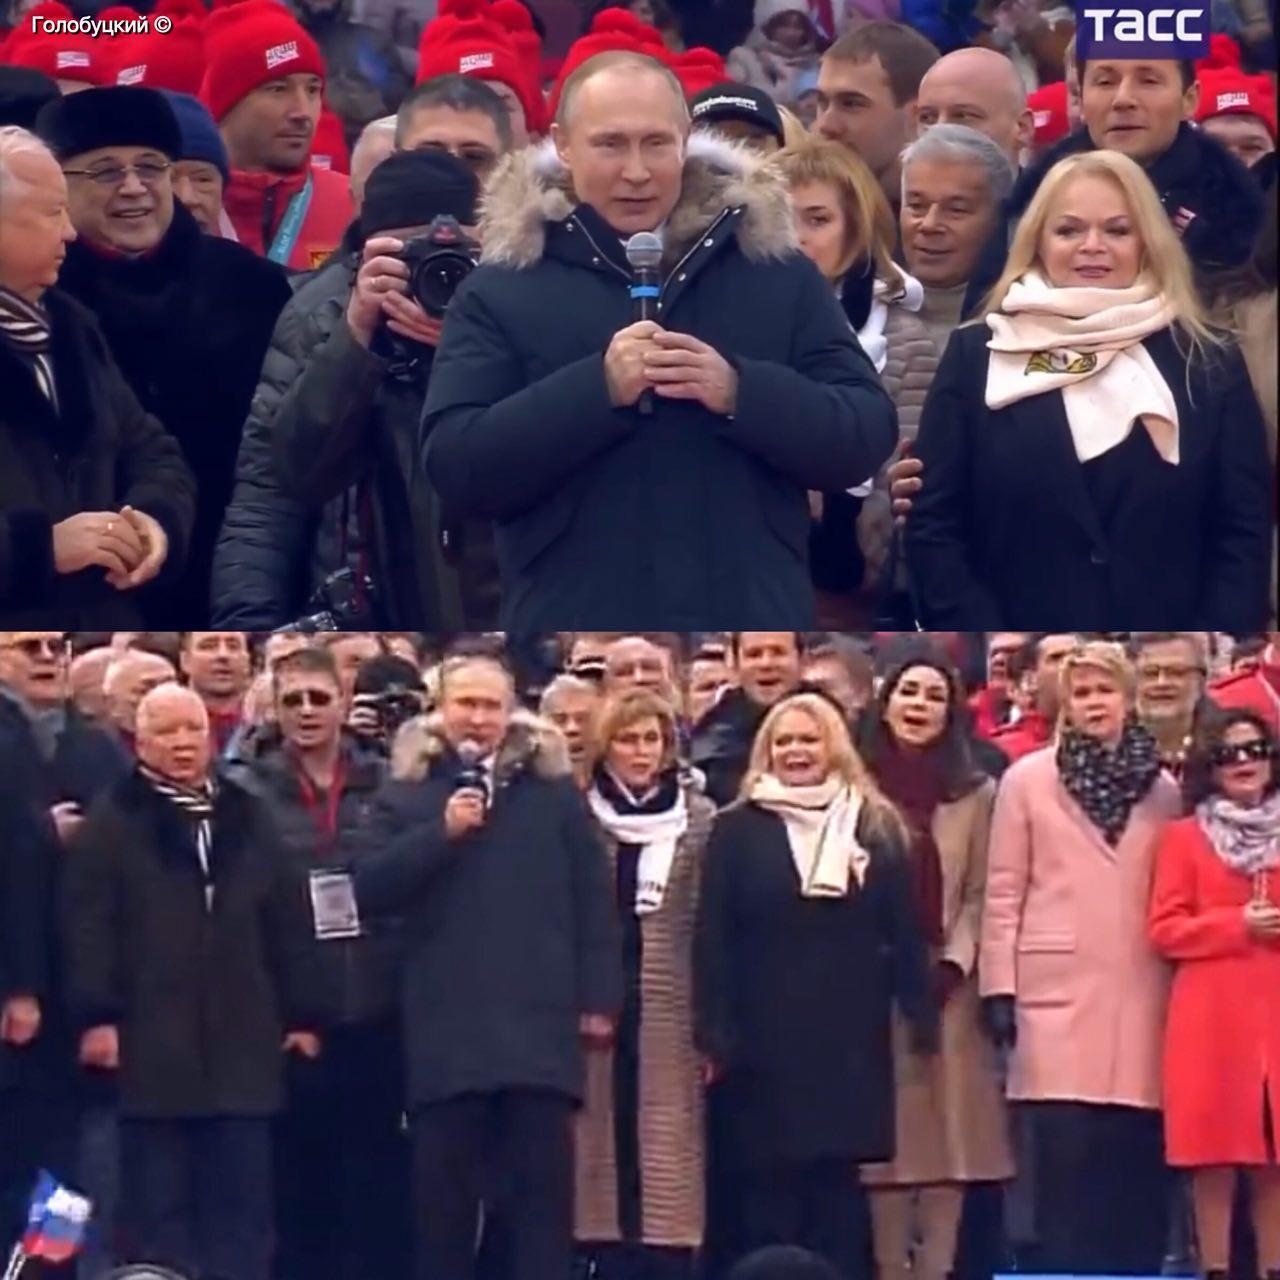 Сумнівів більше нема. Путін доздихує, його роль грає клоун.